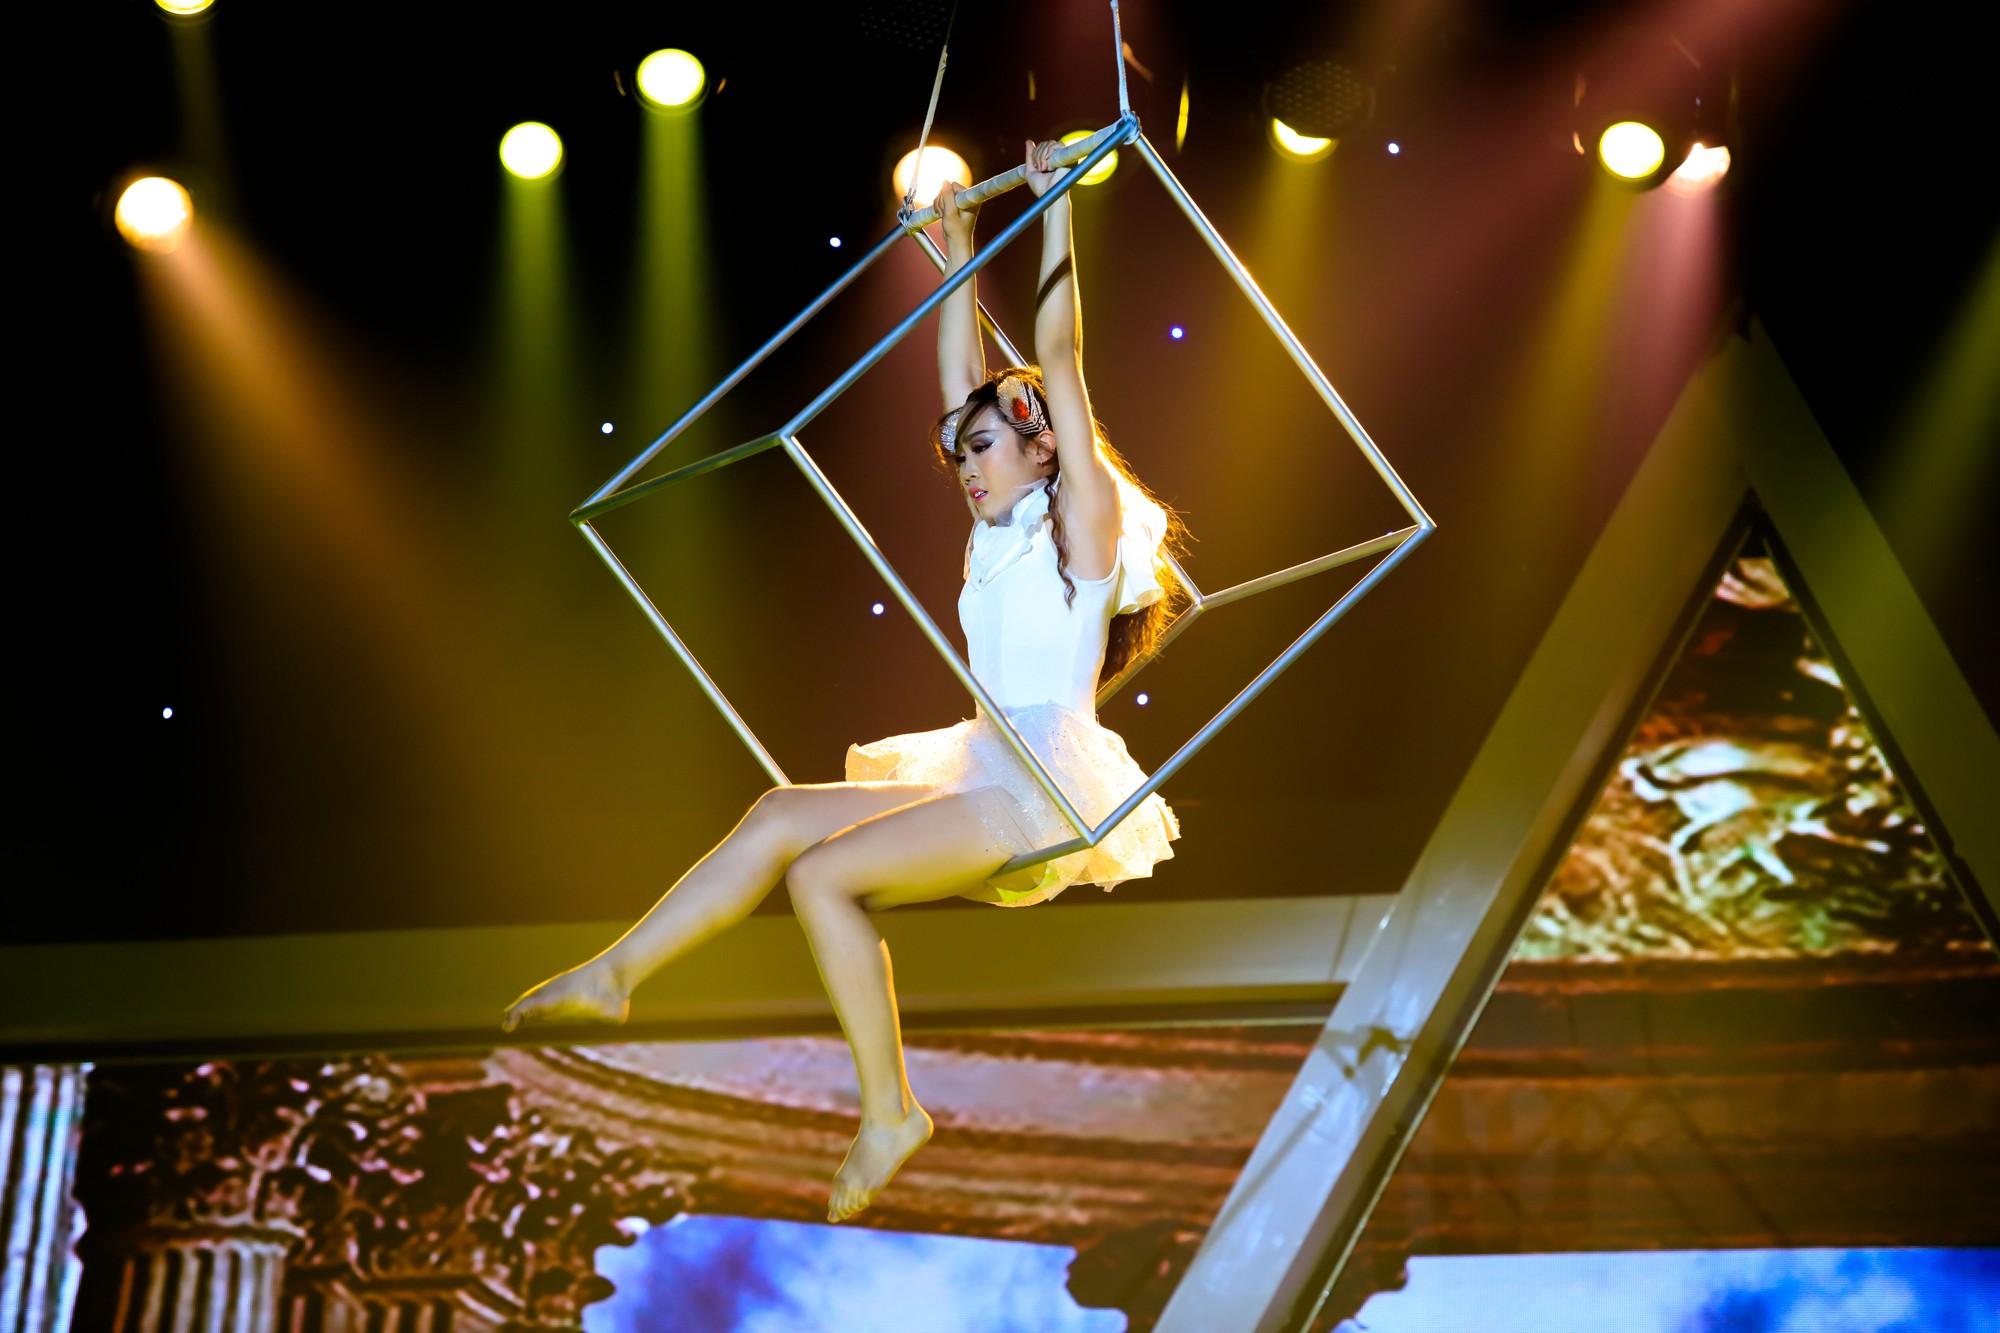 Phạm Lịch ngậm ngùi nhớ lại cảnh từng bị ném gạch khi đang biểu diễn - Ảnh 7.